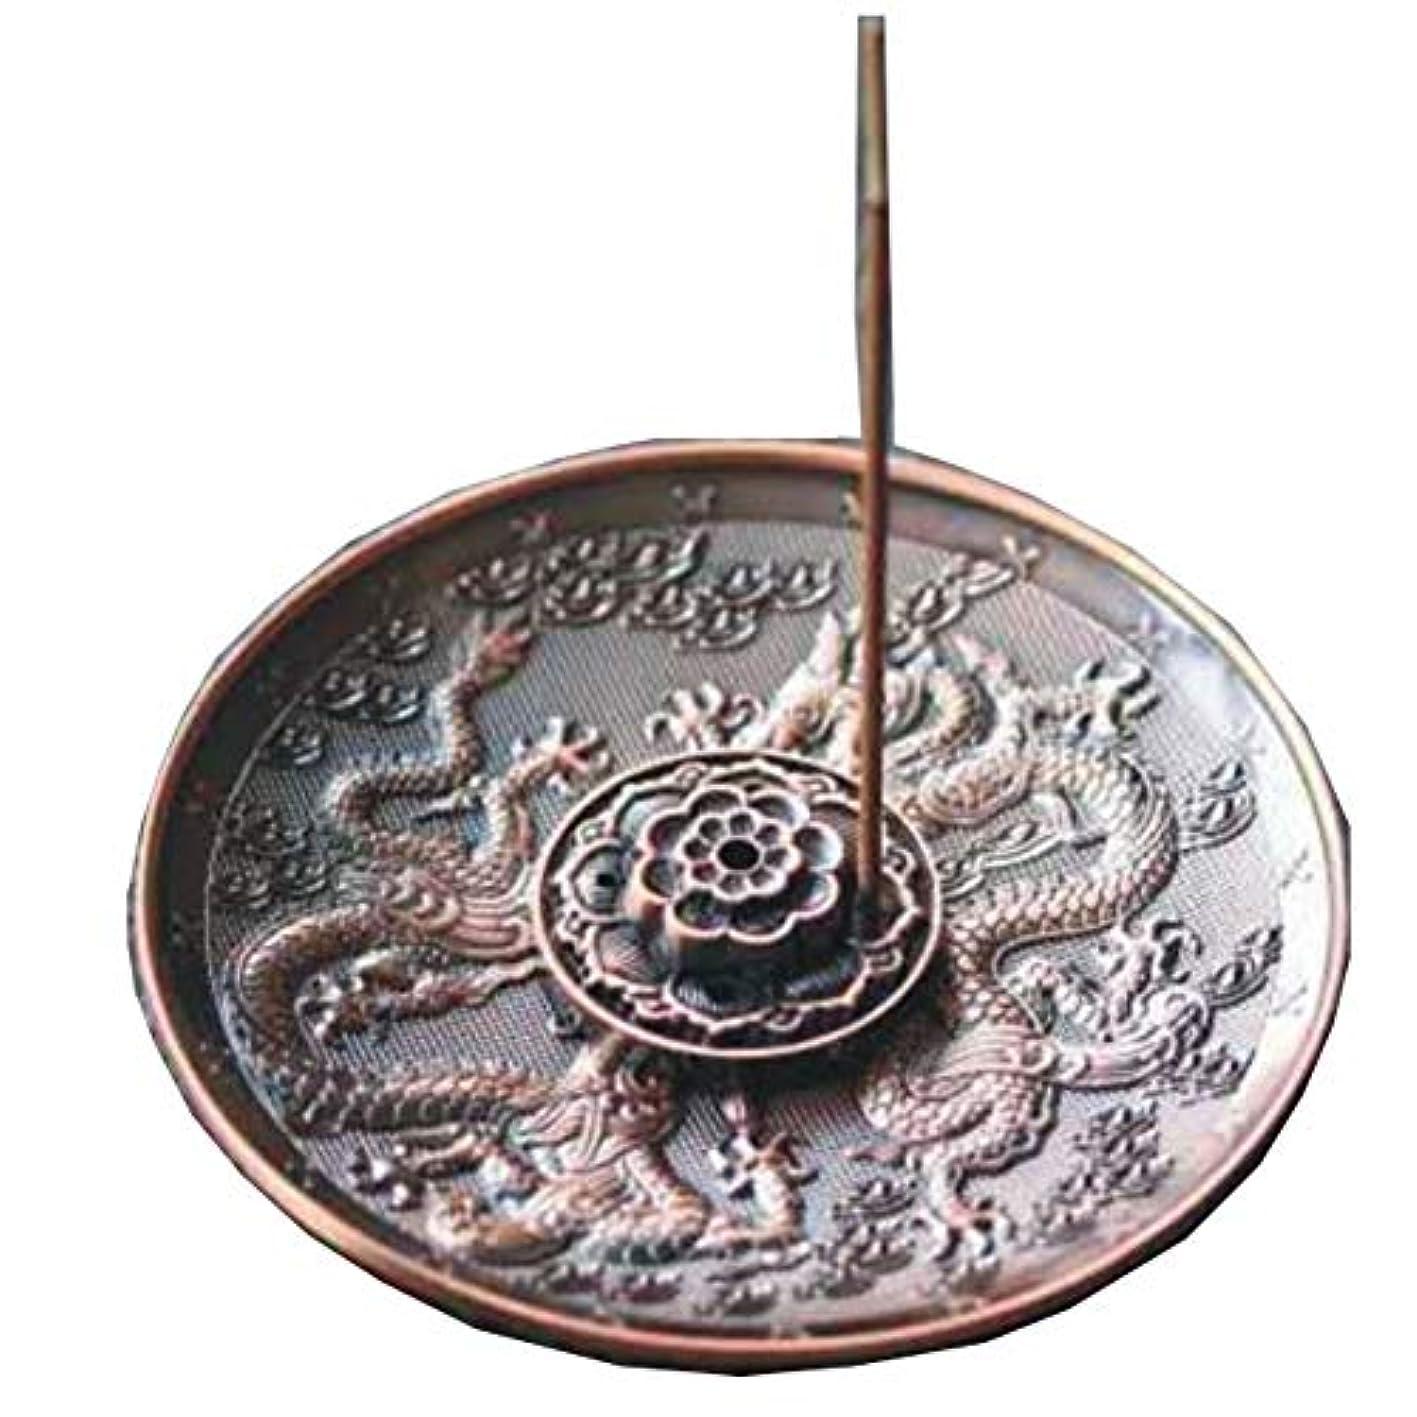 ピアニストコミュニケーション揺れる[RADISSY] お香立て 香炉 香皿 スティック 円錐 タイプ お香 スタンド 龍のデザイン (赤胴色9穴)